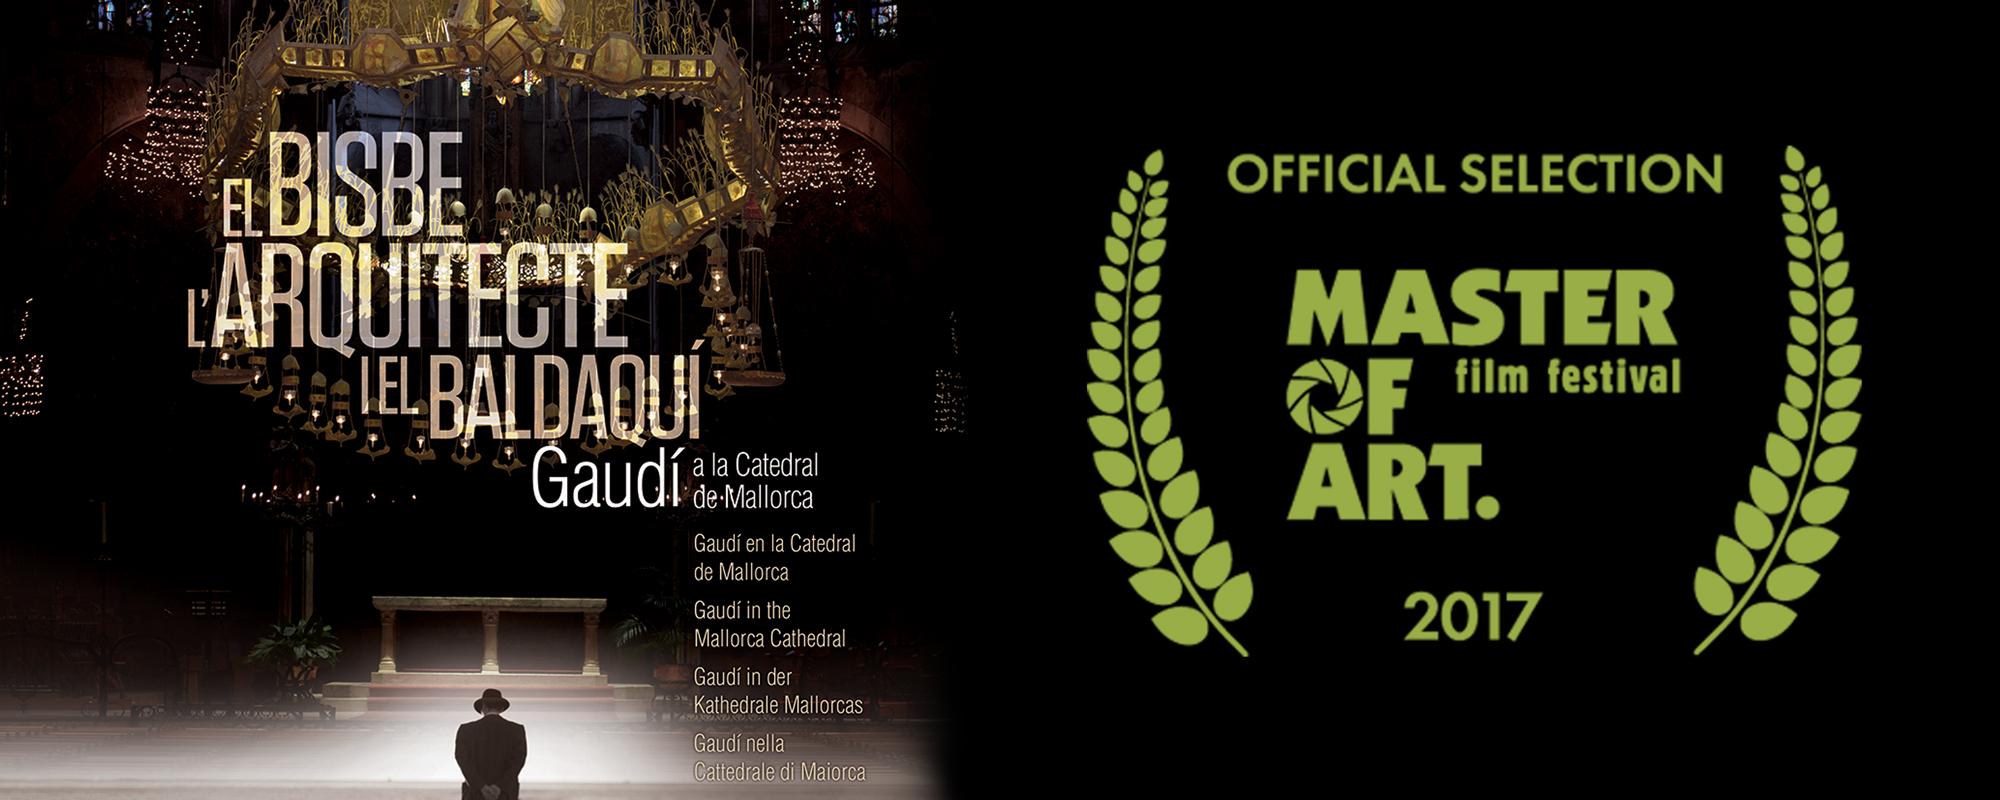 Masters-of-art-2017-Gaudi